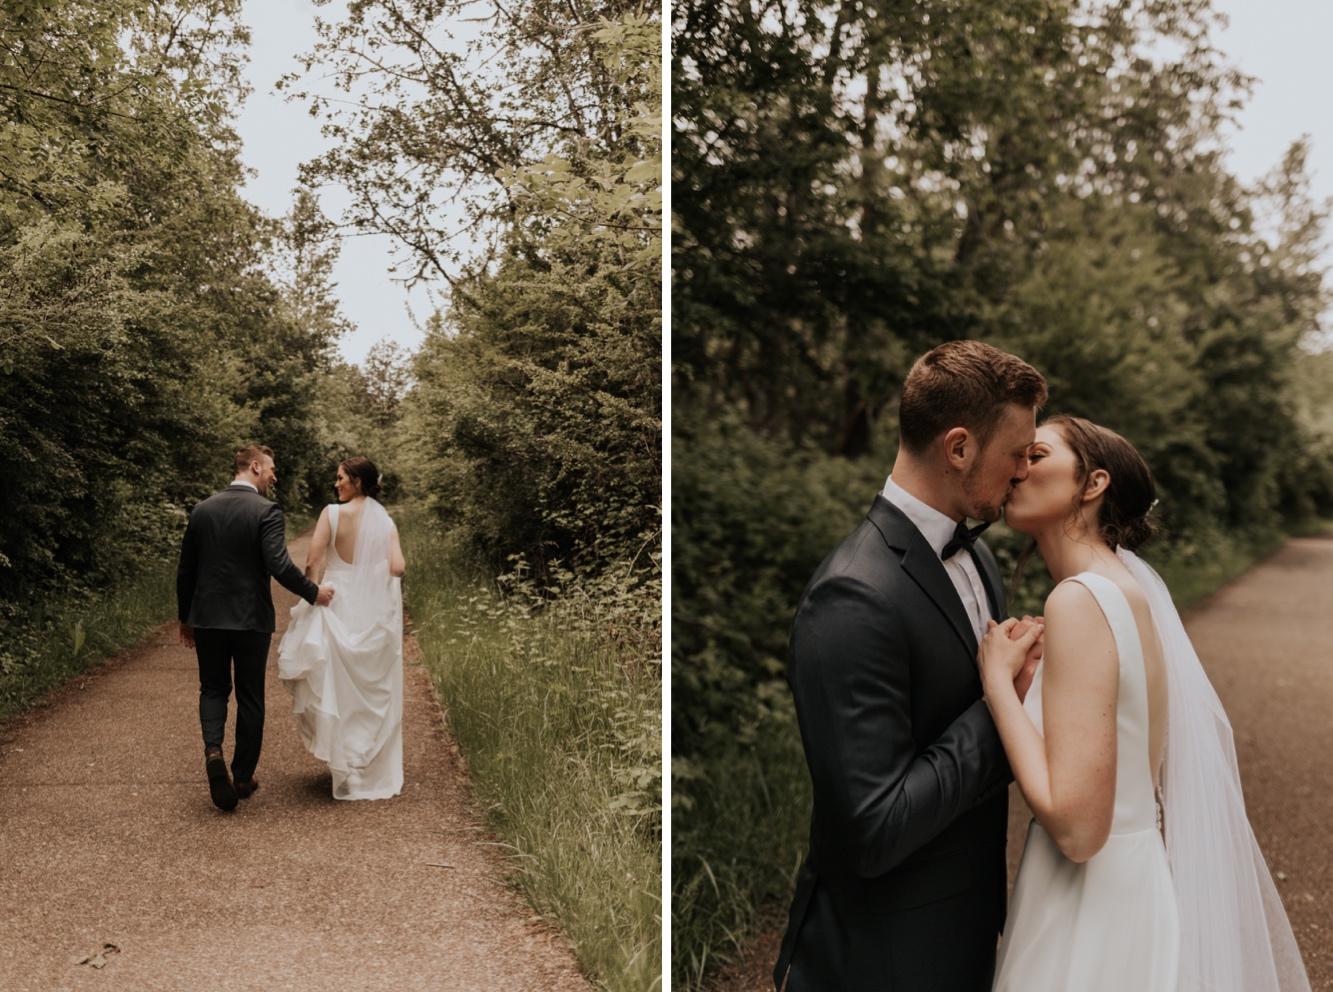 020_CorvallisOregonBarnWedding-177_CorvallisOregonBarnWedding-193_corvallis_wedding_photographer.jpg